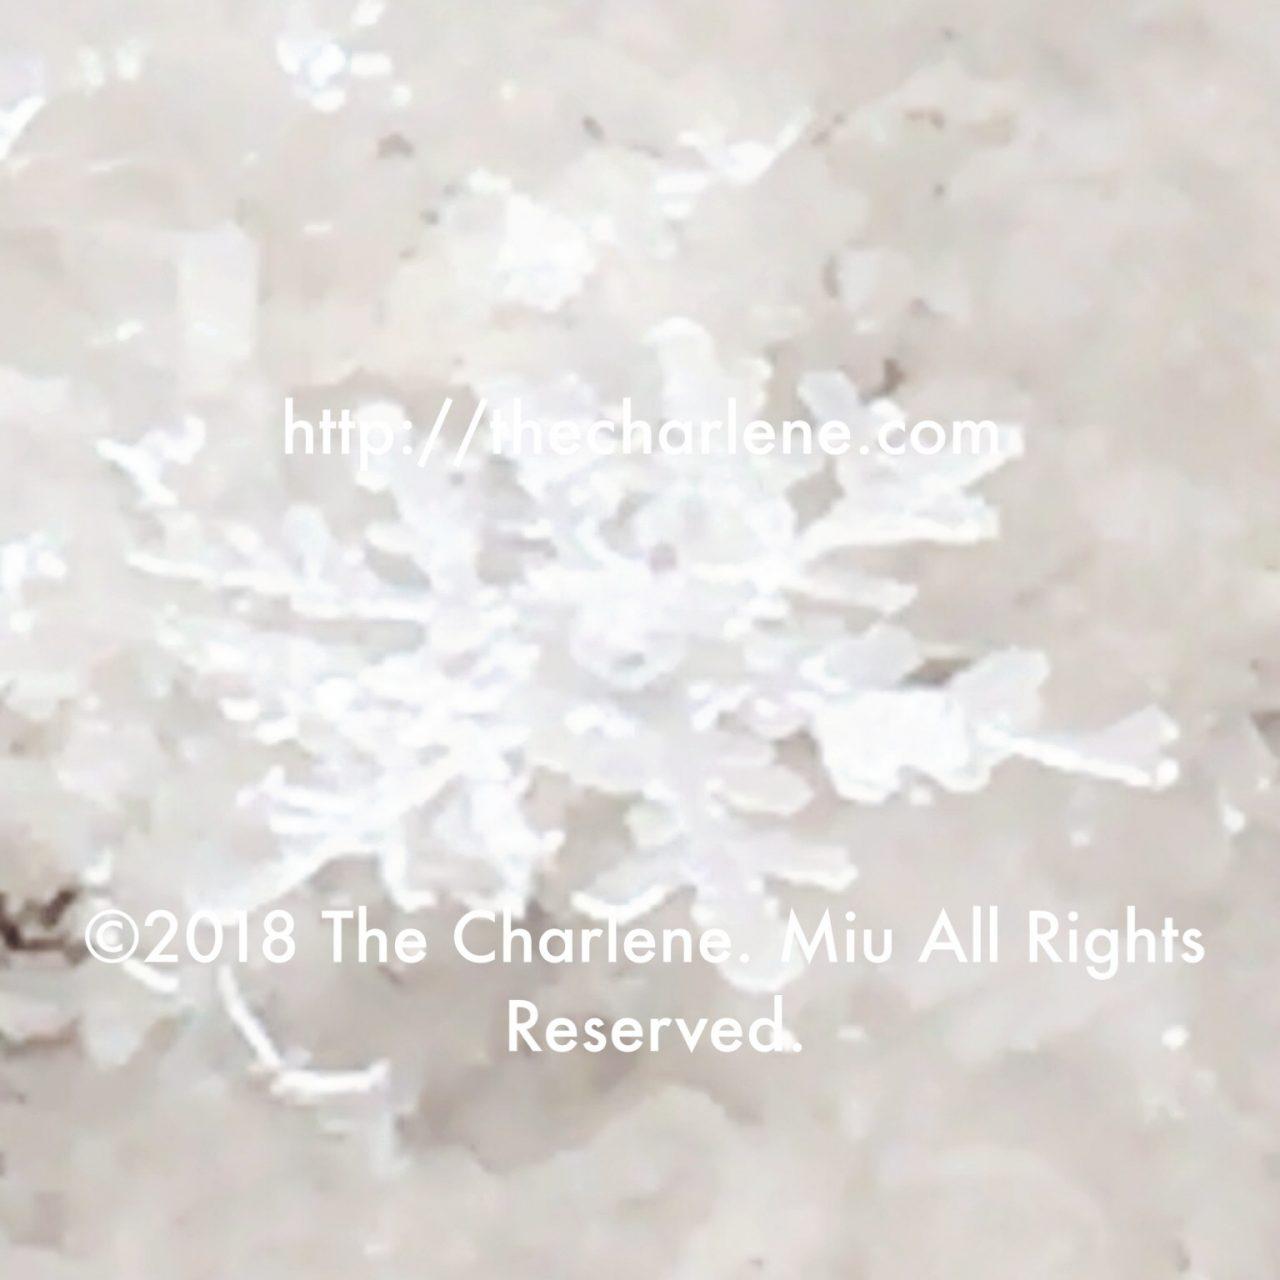 雪の結晶、樹枝六花(じゅしろっか)©2018 The Charlene. Miu All Rights Reserved.